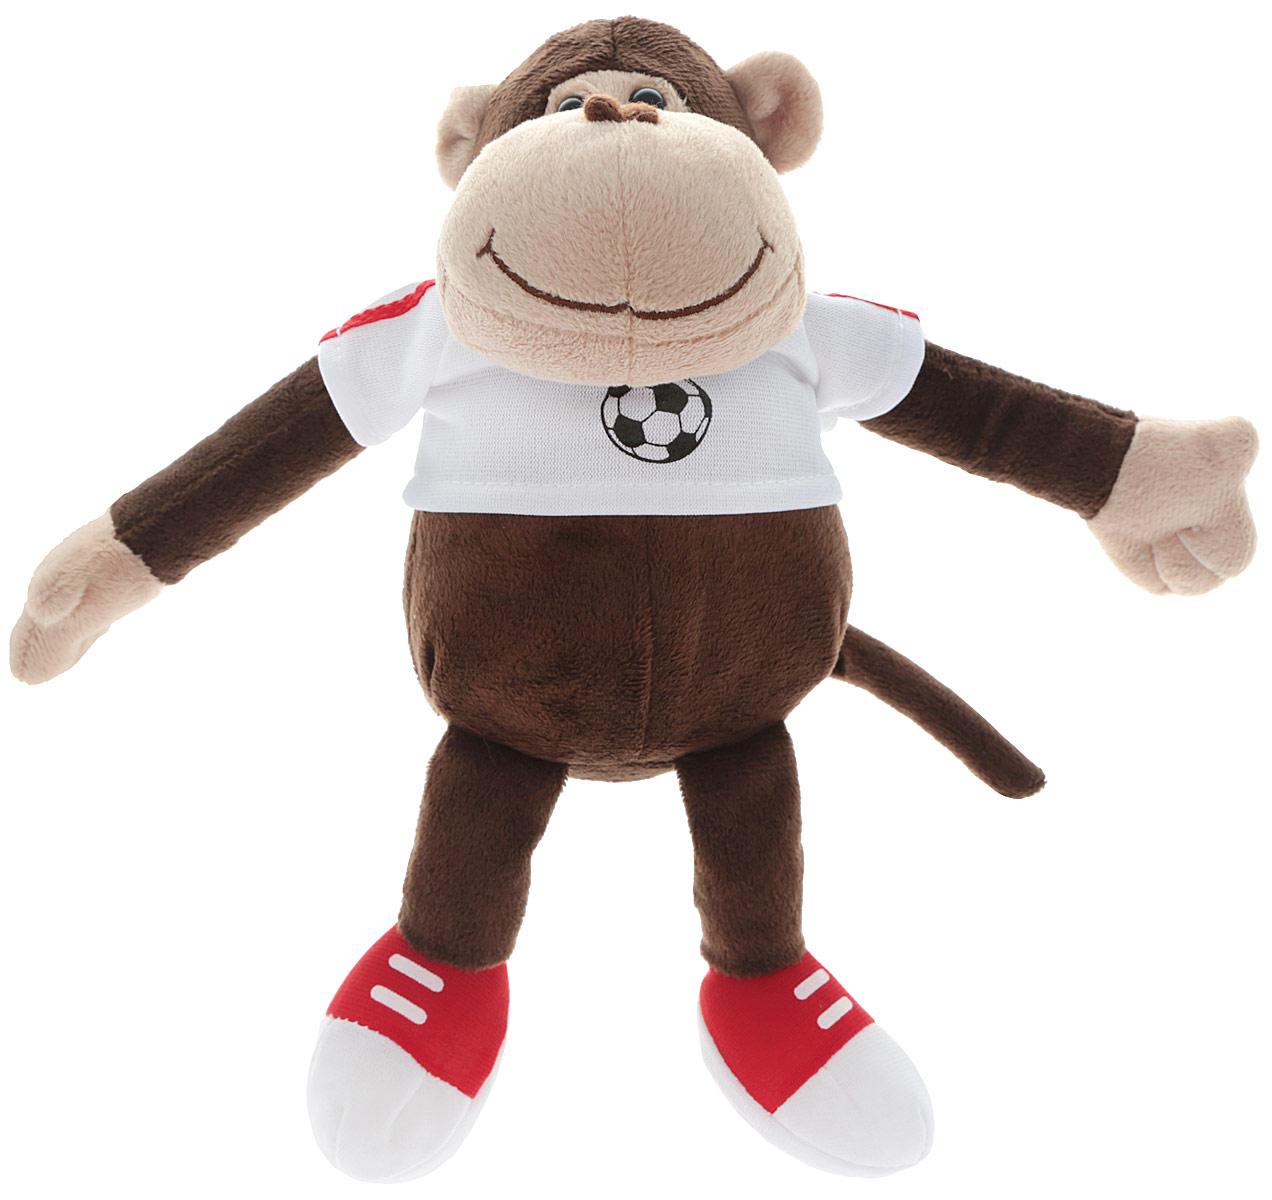 Gulliver Мягкая игрушка Обезьянка Пепе 15 см52-V41887-15CМягкая игрушка Gulliver Обезьянка Пепе принесет радость и подарит своему обладателю мгновения нежных объятий и приятных воспоминаний. Игрушка очень похожа на своего живого прототипа. Забавная обезьянка любит заниматься спортом, поэтому она одета в спортивную кофточку, а на лапках у нее спортивные кеды. На мордочке обезьянки милая, добродушная улыбка. Глаза выполнены из пластика, мордочка обезьянки имеет уплотненную форму, что придает ей естественный вид. Игрушка изготовлена из экологически чистых материалов. Небольшие размеры игрушки позволяют брать ее на прогулку и в гости, поэтому малышу больше не придется расставаться со своим новым другом.